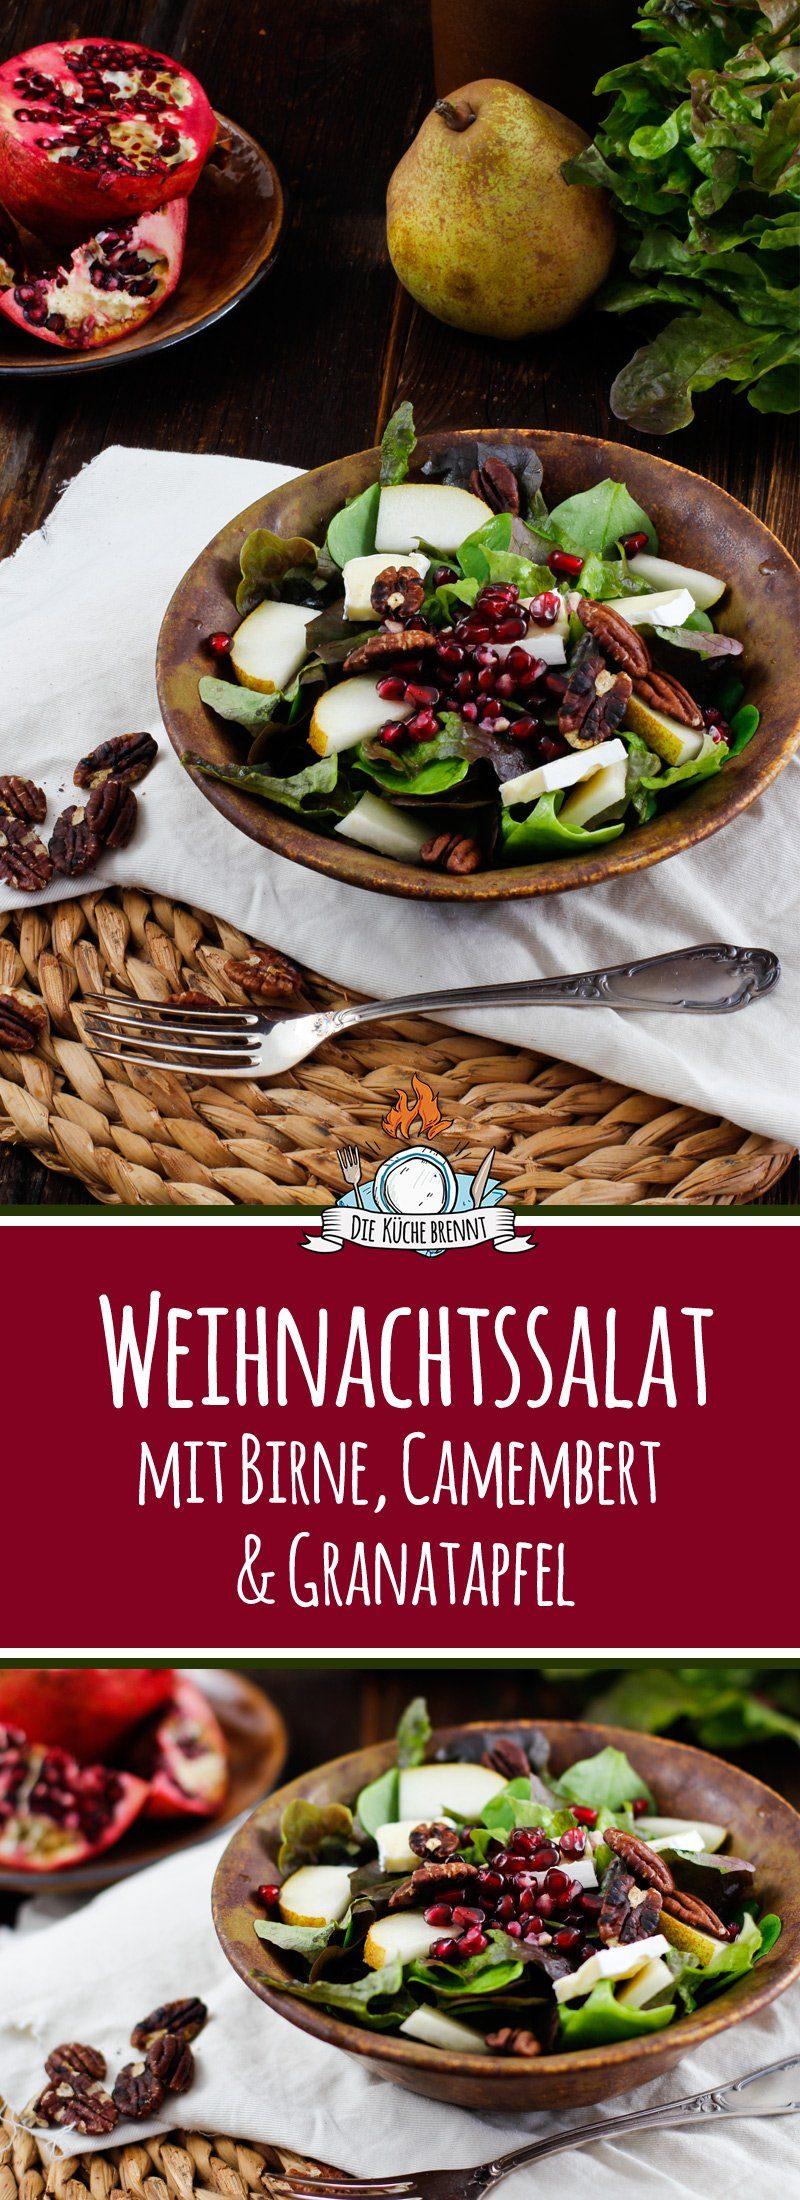 Weihnachtssalat mit Birne, Granatapfel & Camembert - Die Küche brennt